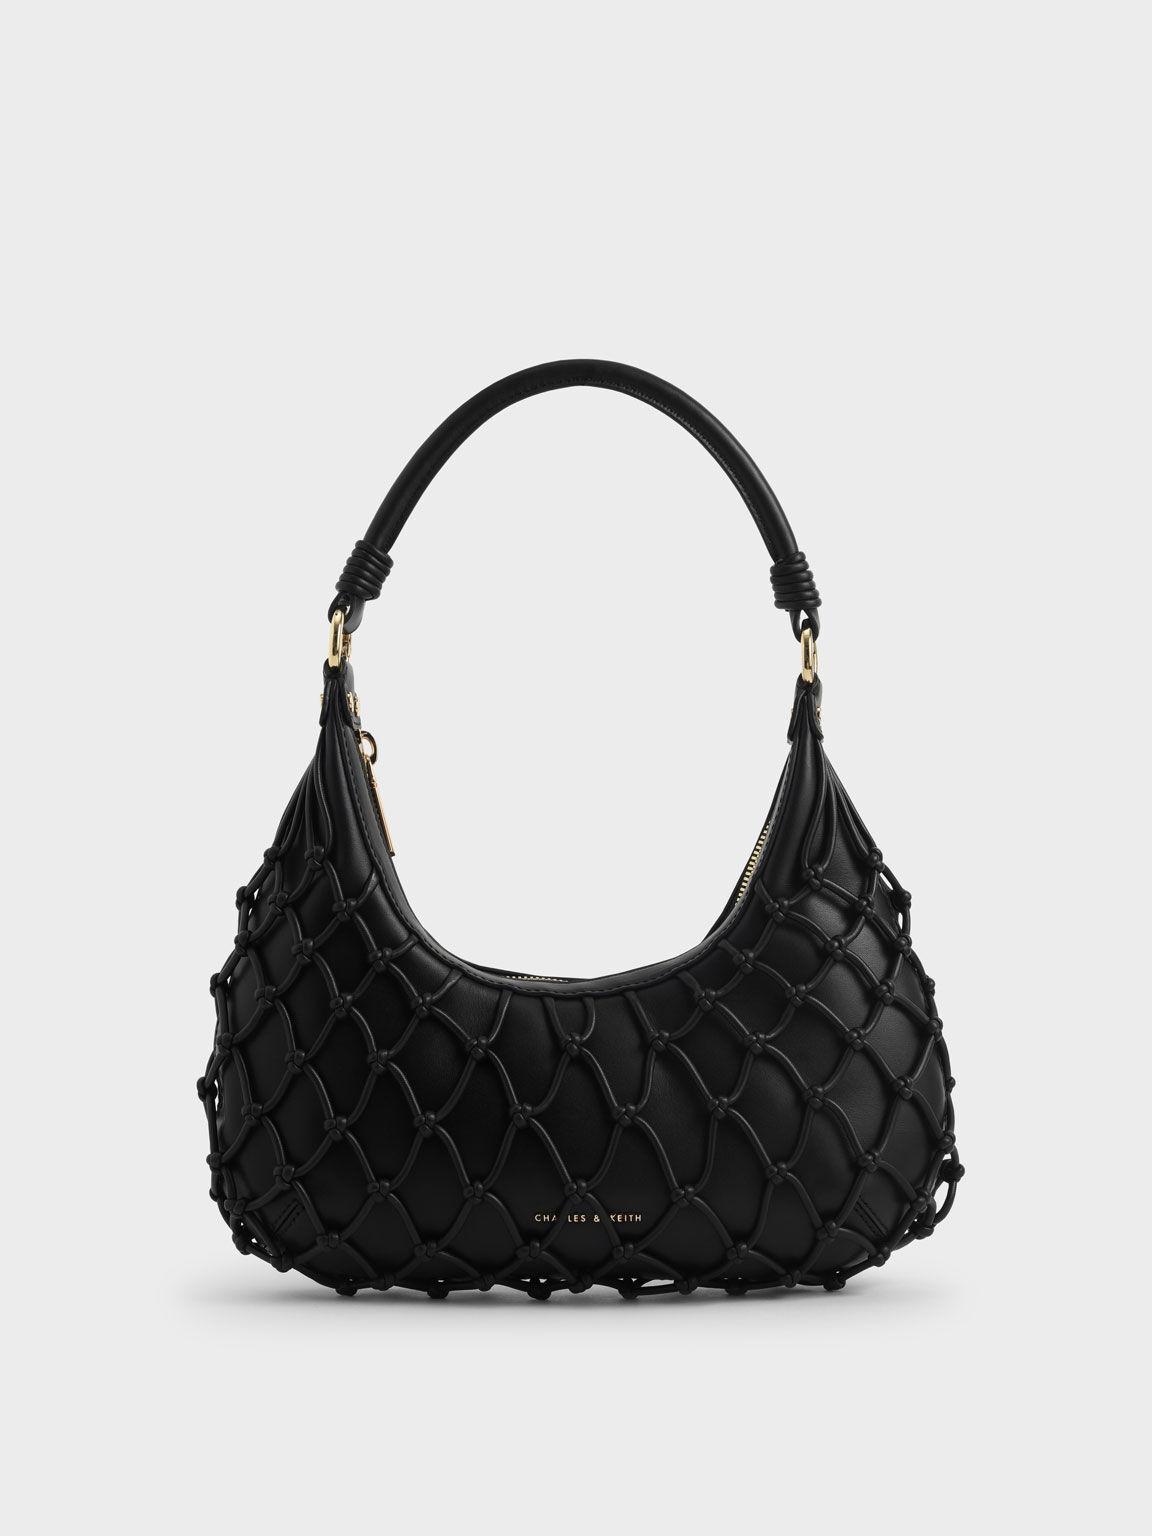 Netted Leather Shoulder Bag, Black, hi-res